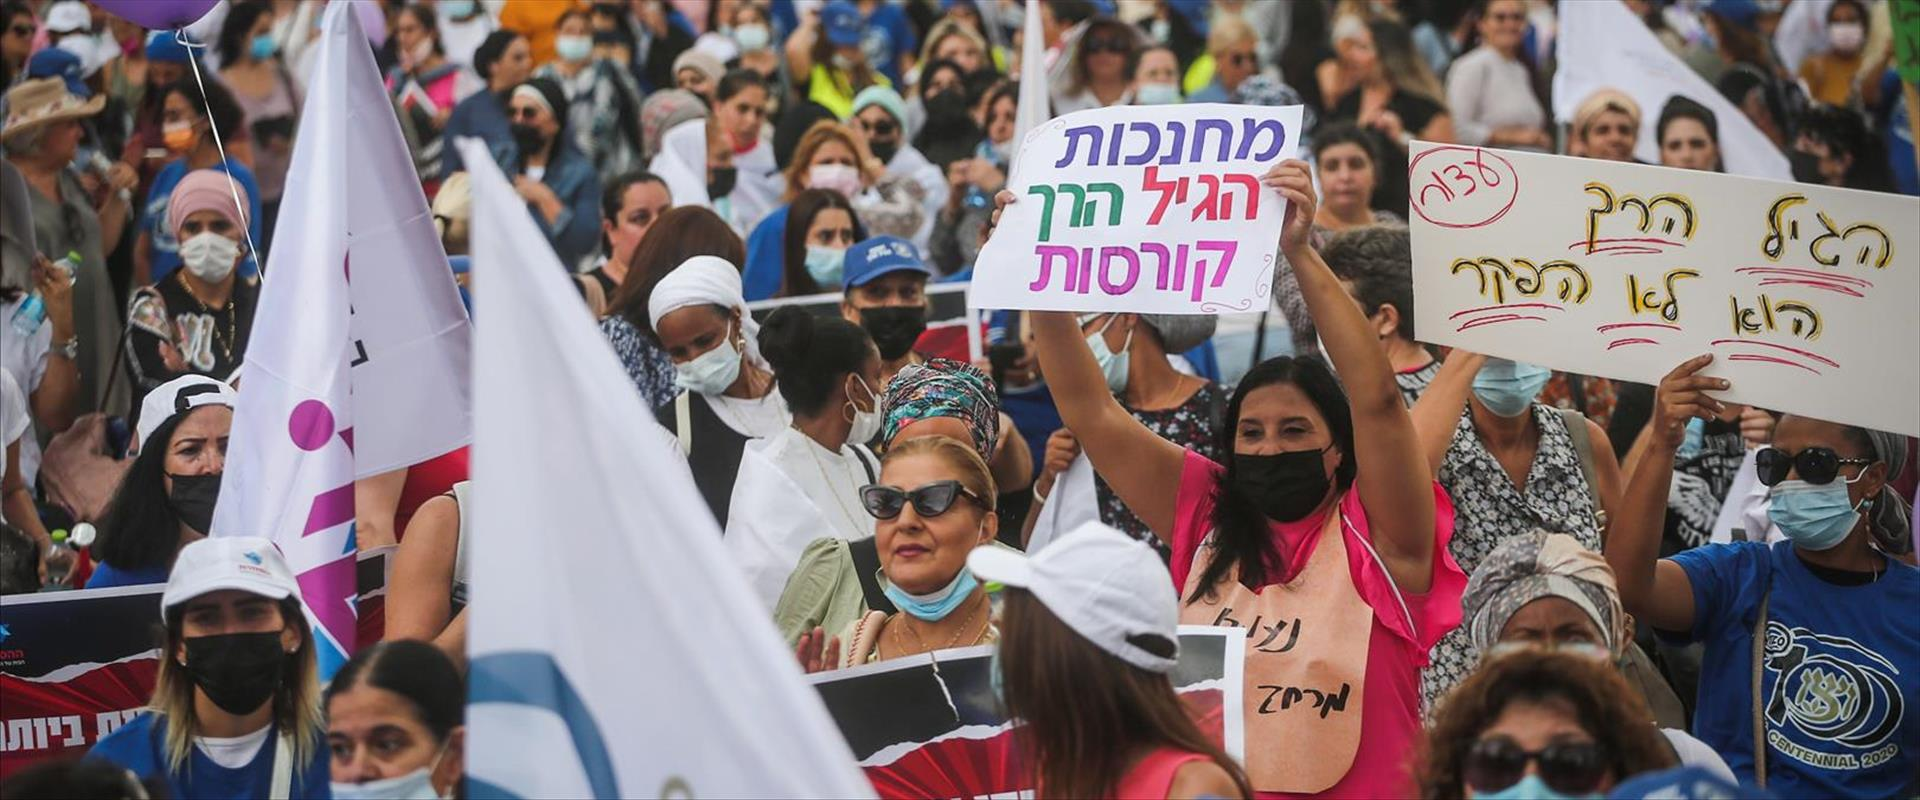 הפגנת ארגוני מעונות היום המפוקחים, הבוקר בתל אביב